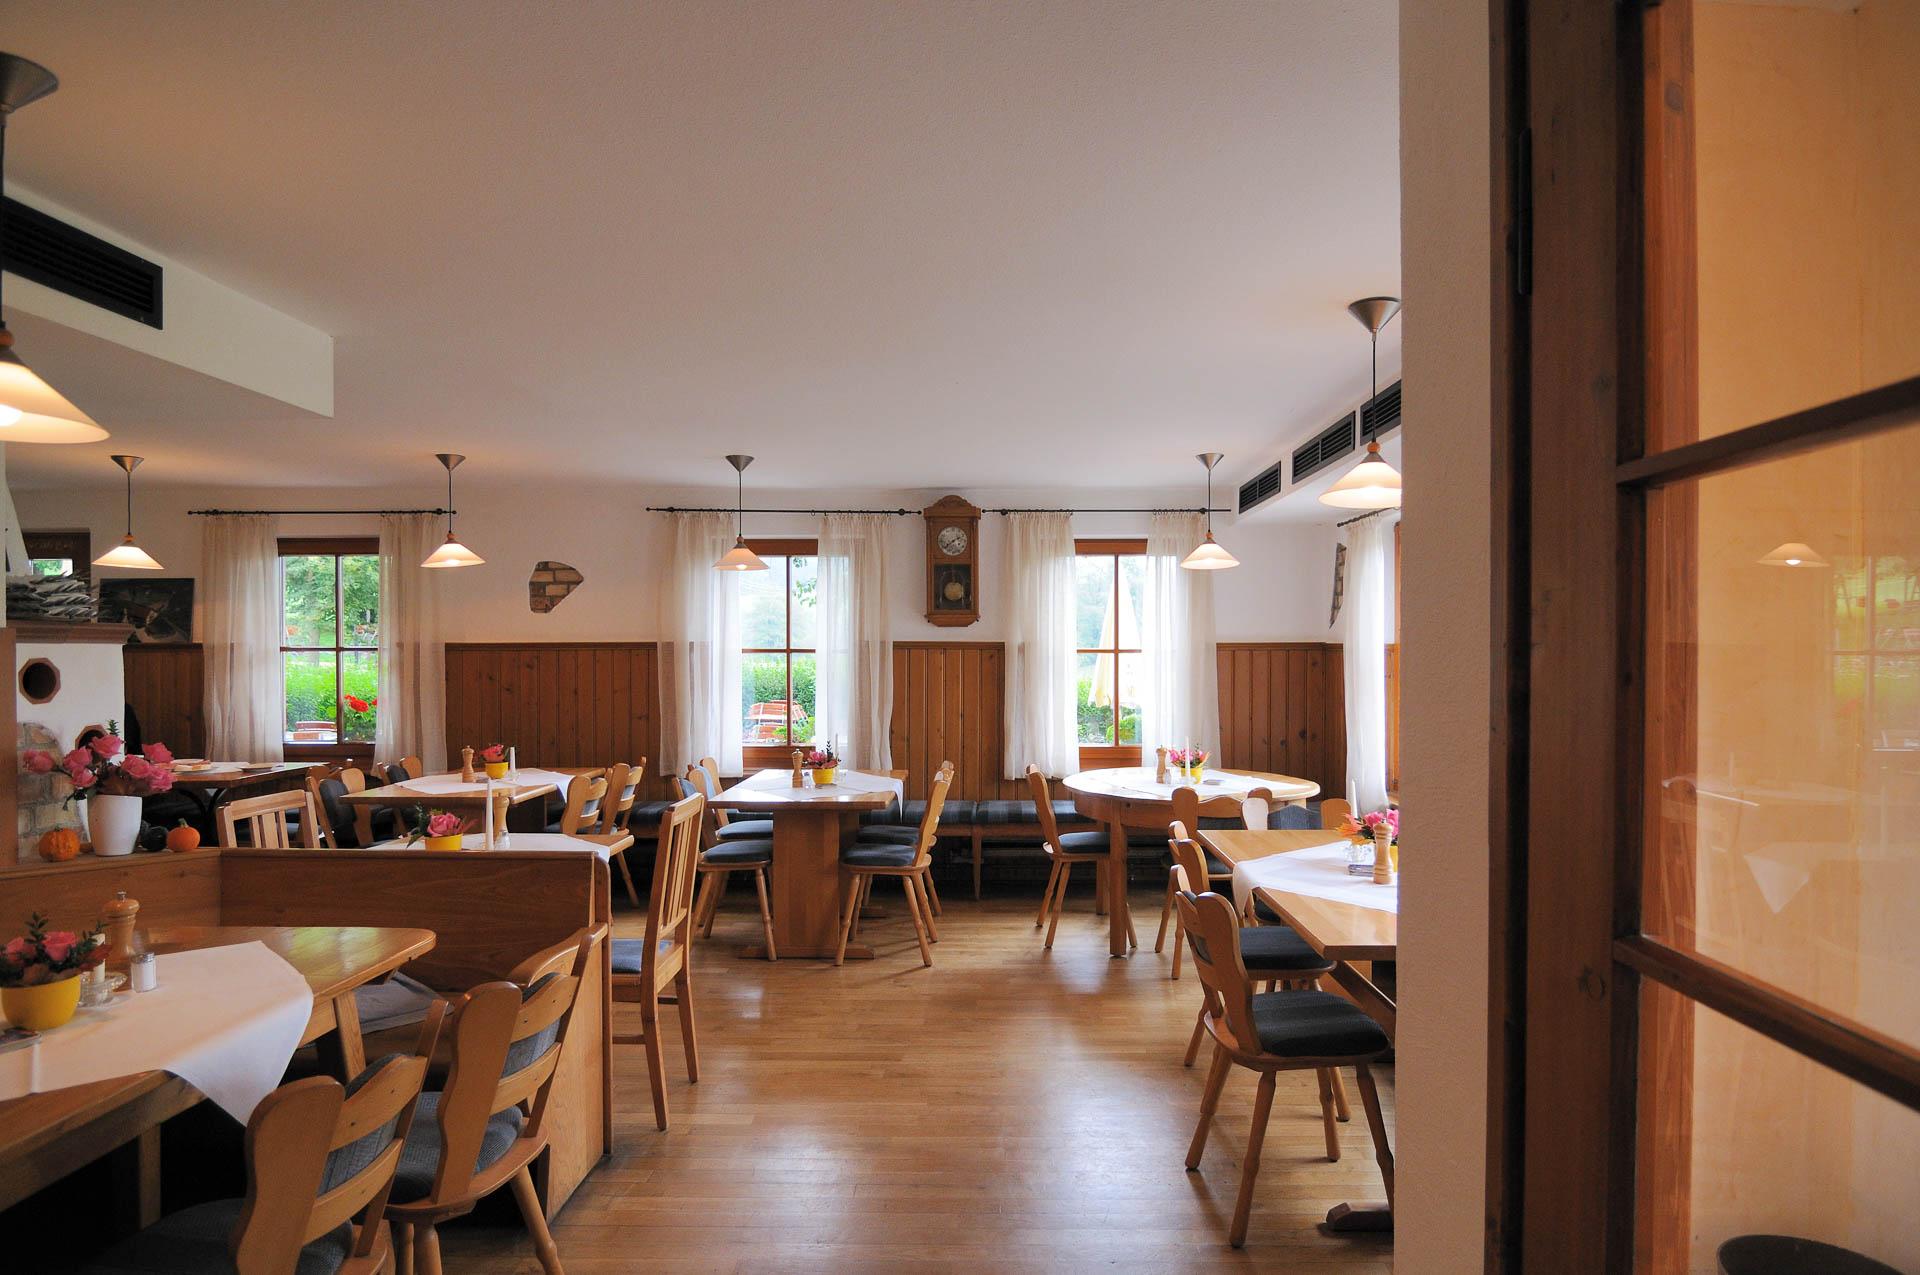 Restaurant - Gasthaus Seerose in Nitzenweiler bei Kressbronn am Bodensee